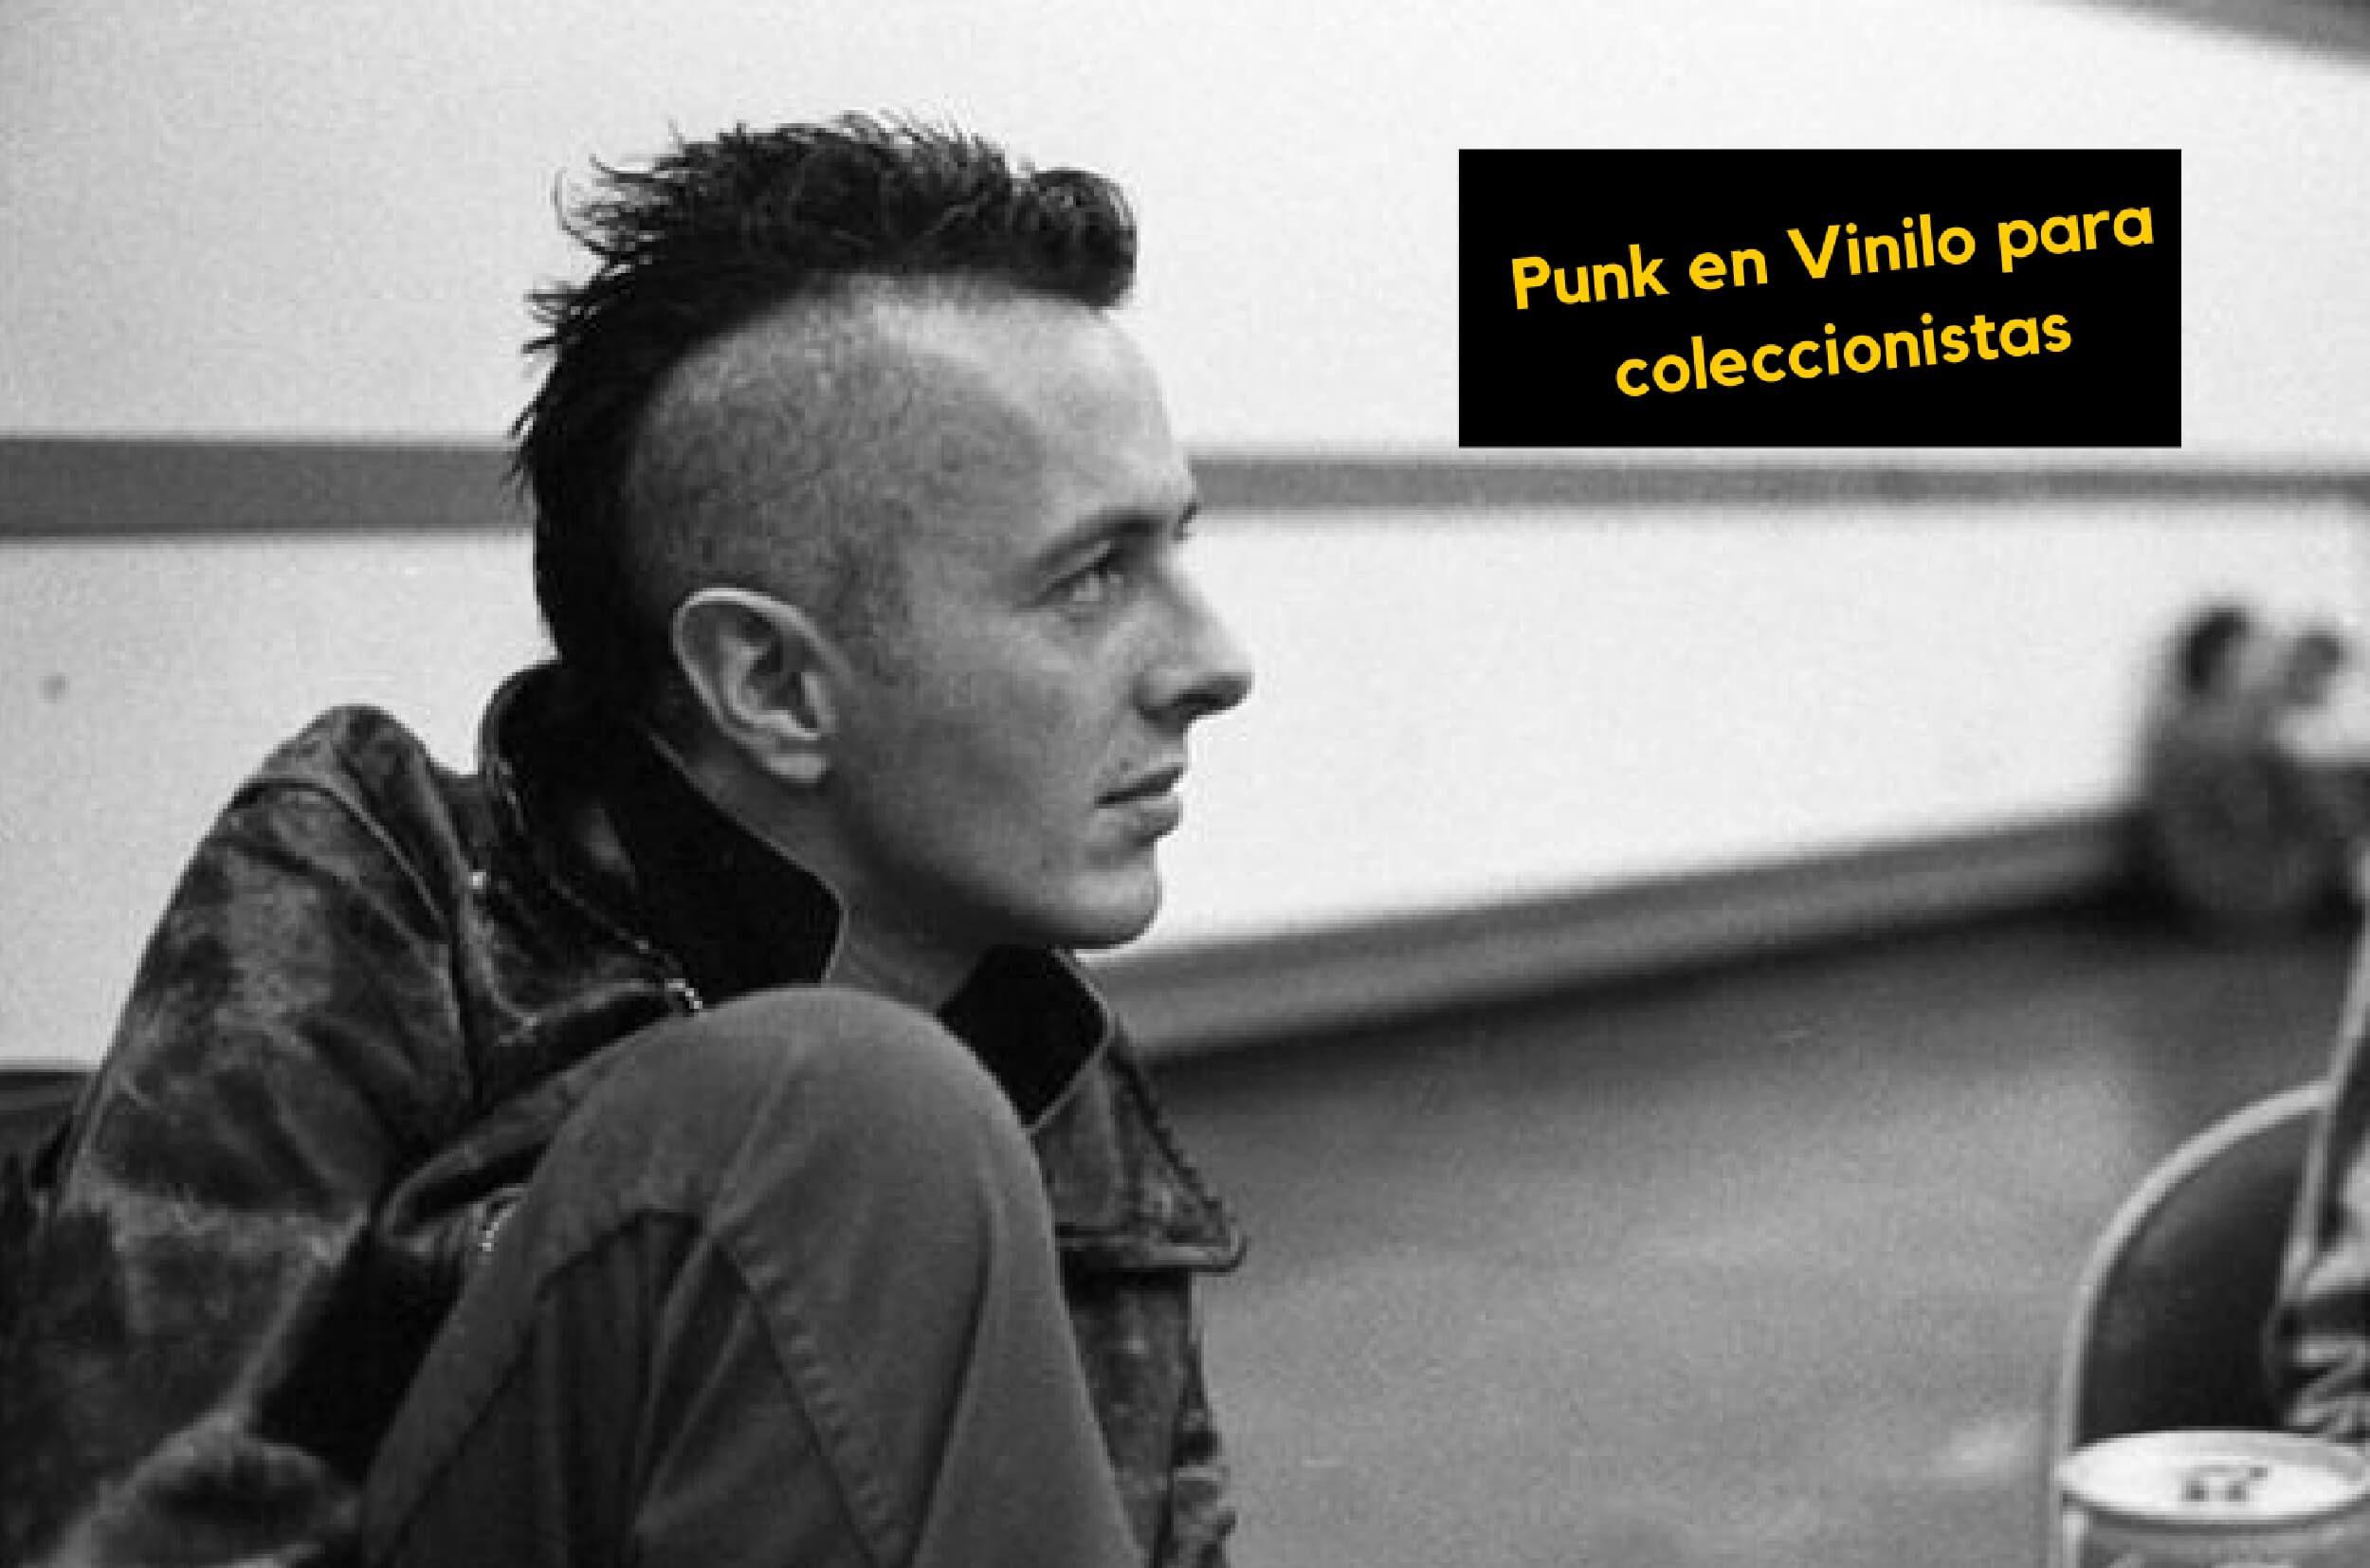 6 discos de punk en vinilo para coleccionistas del género punk #punk #discospunk #coleccionsitas #vinilos #discosdevinilo